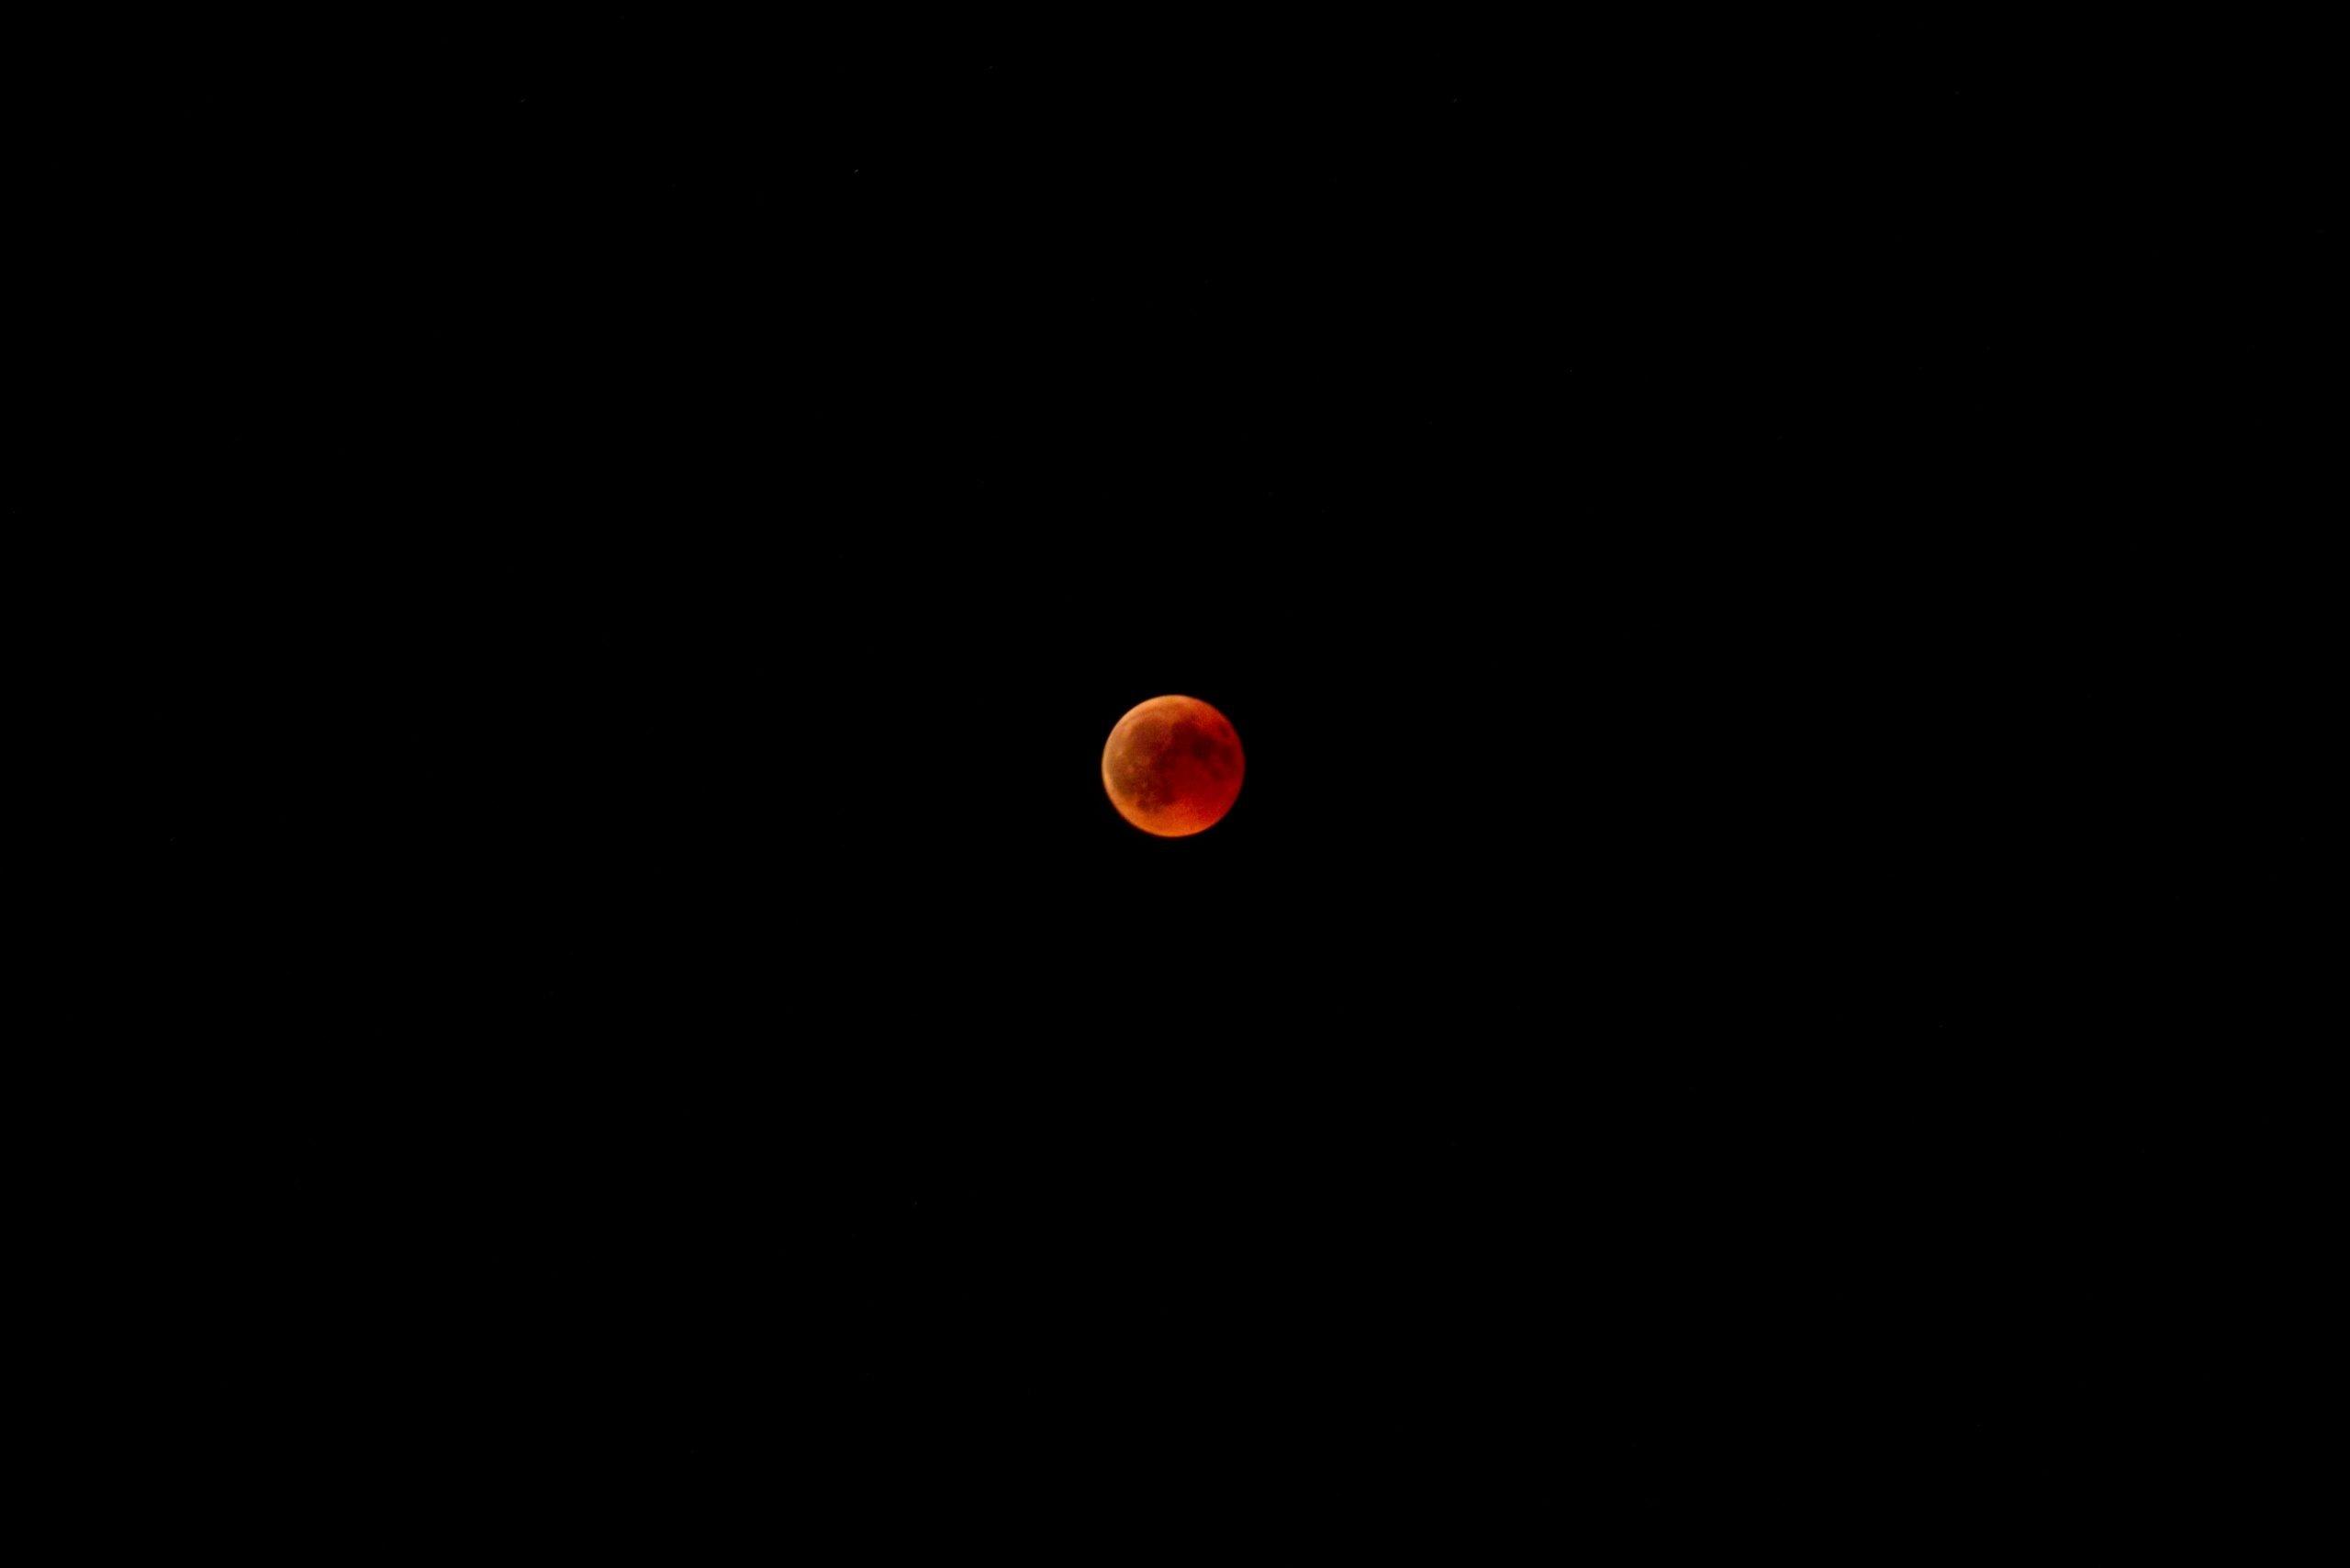 planète rouge dans un ciel noir sans étoile